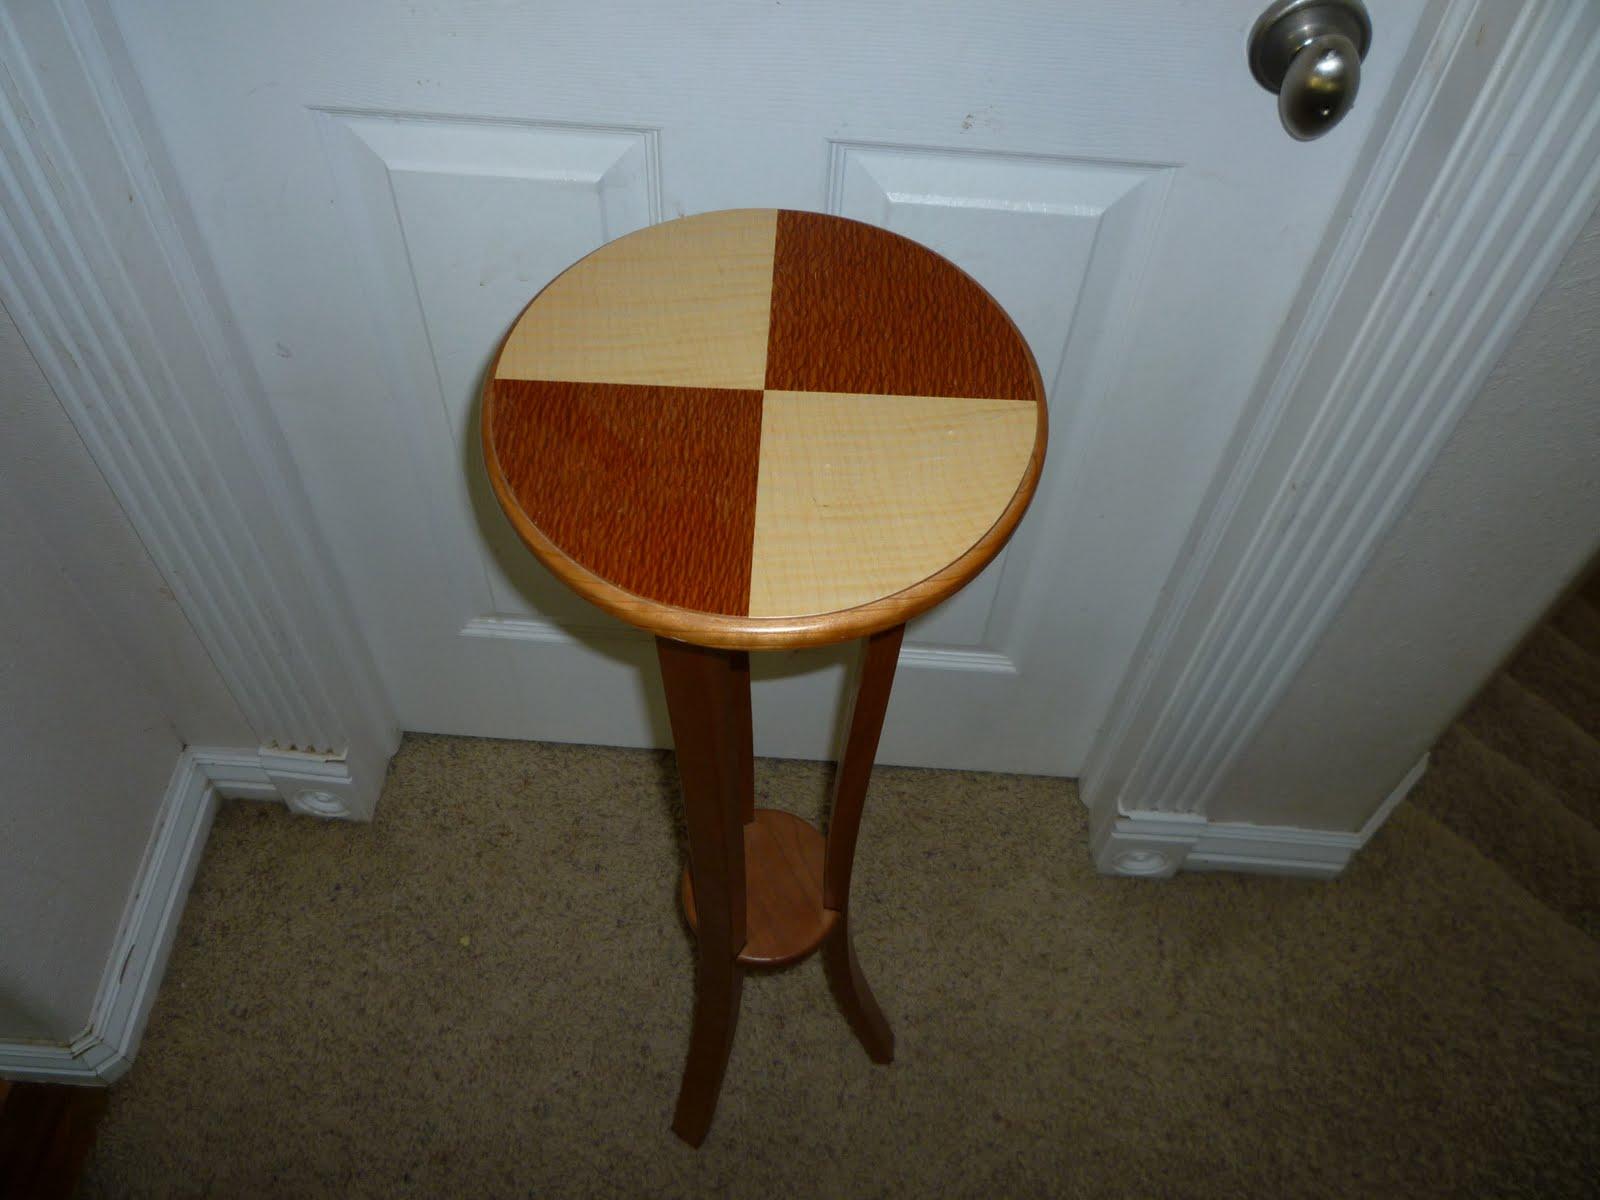 Woodshop Project Ideas For High School Woodwork Fun Wood Proj...